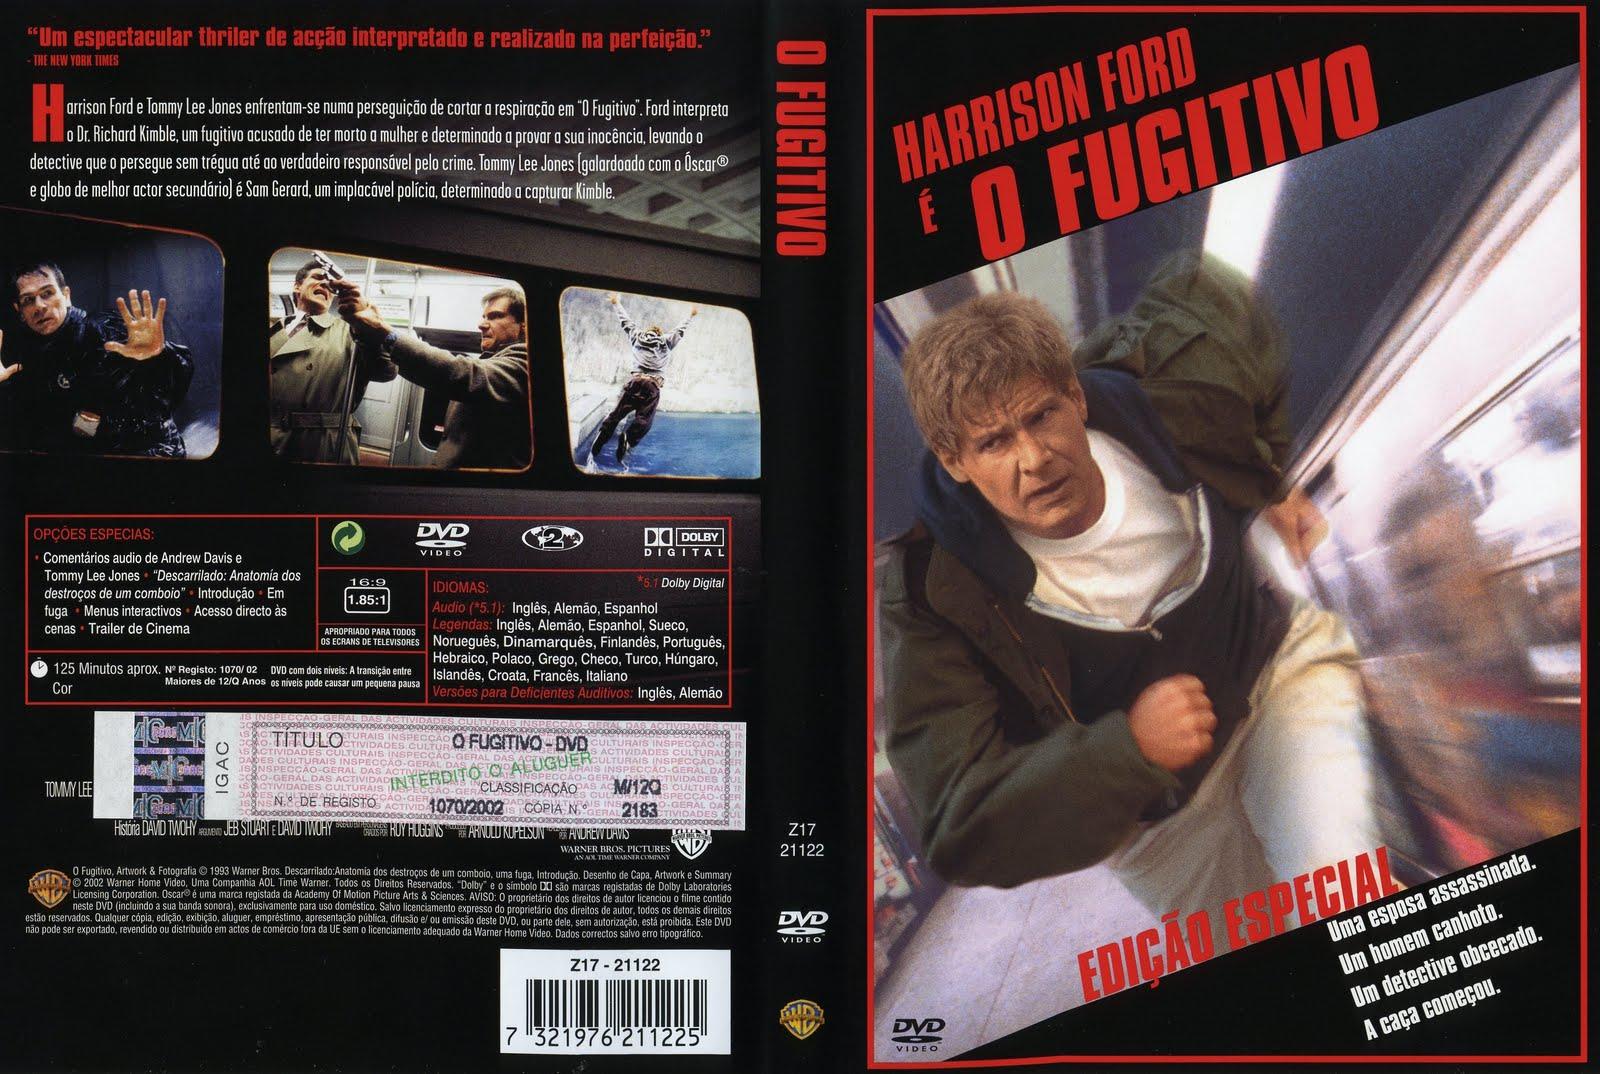 Resultado de imagem para o fugitivo 1993